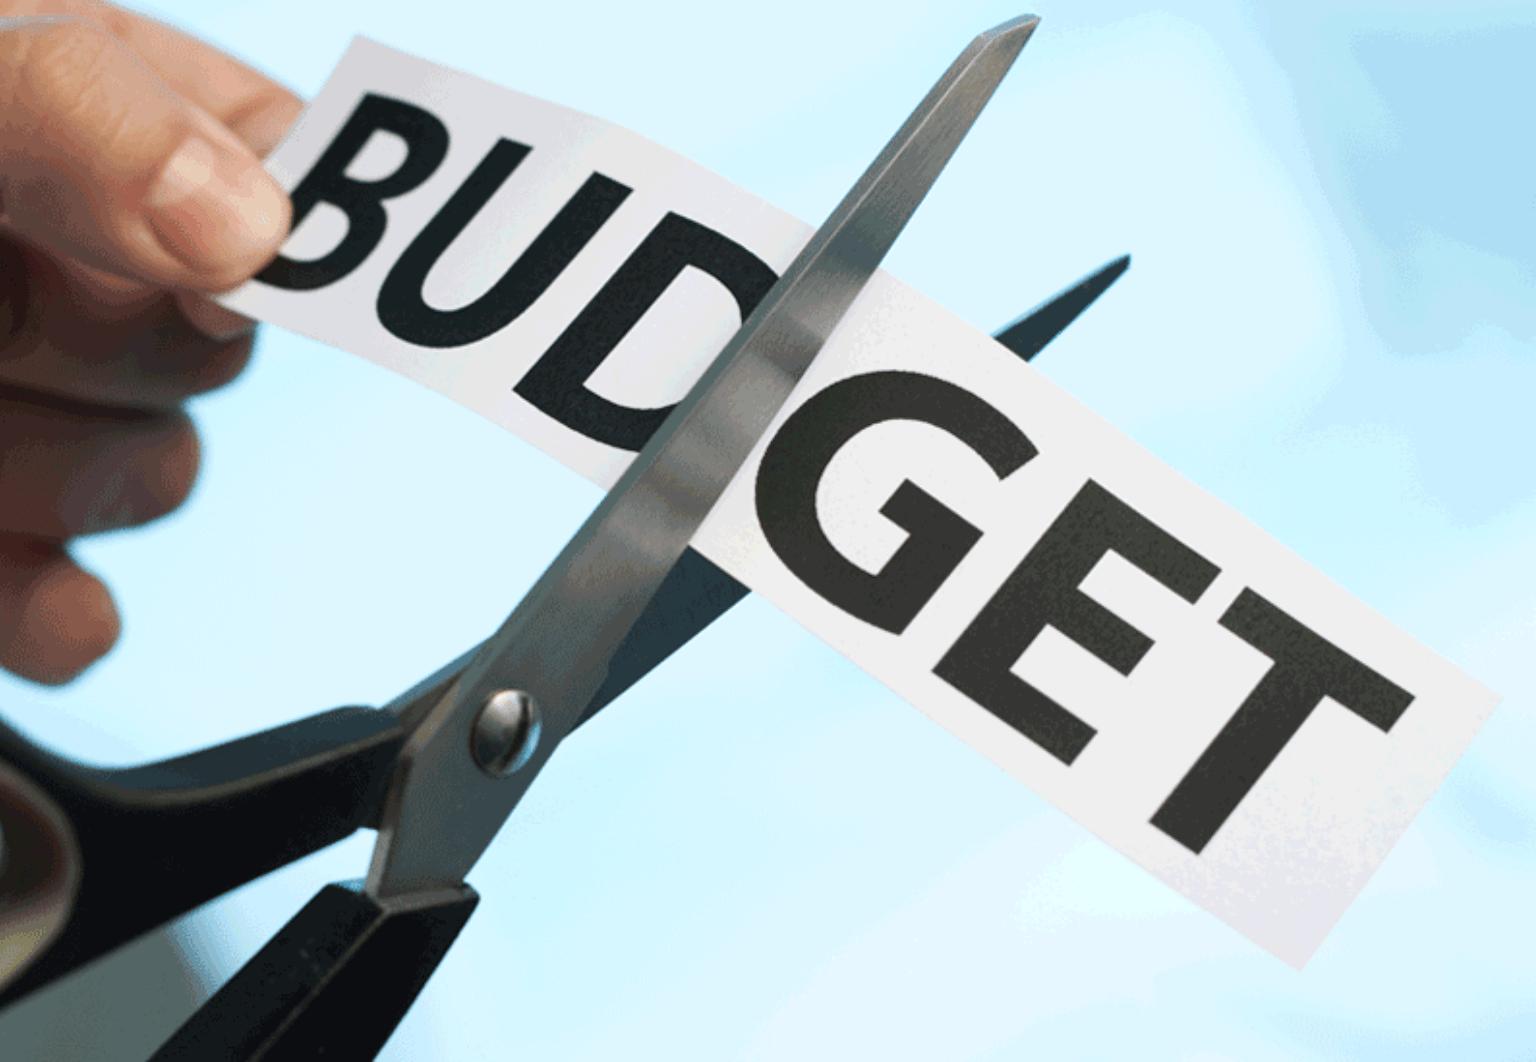 FY20/21 Budget: More than 70 percent of govt. agencies face cuts